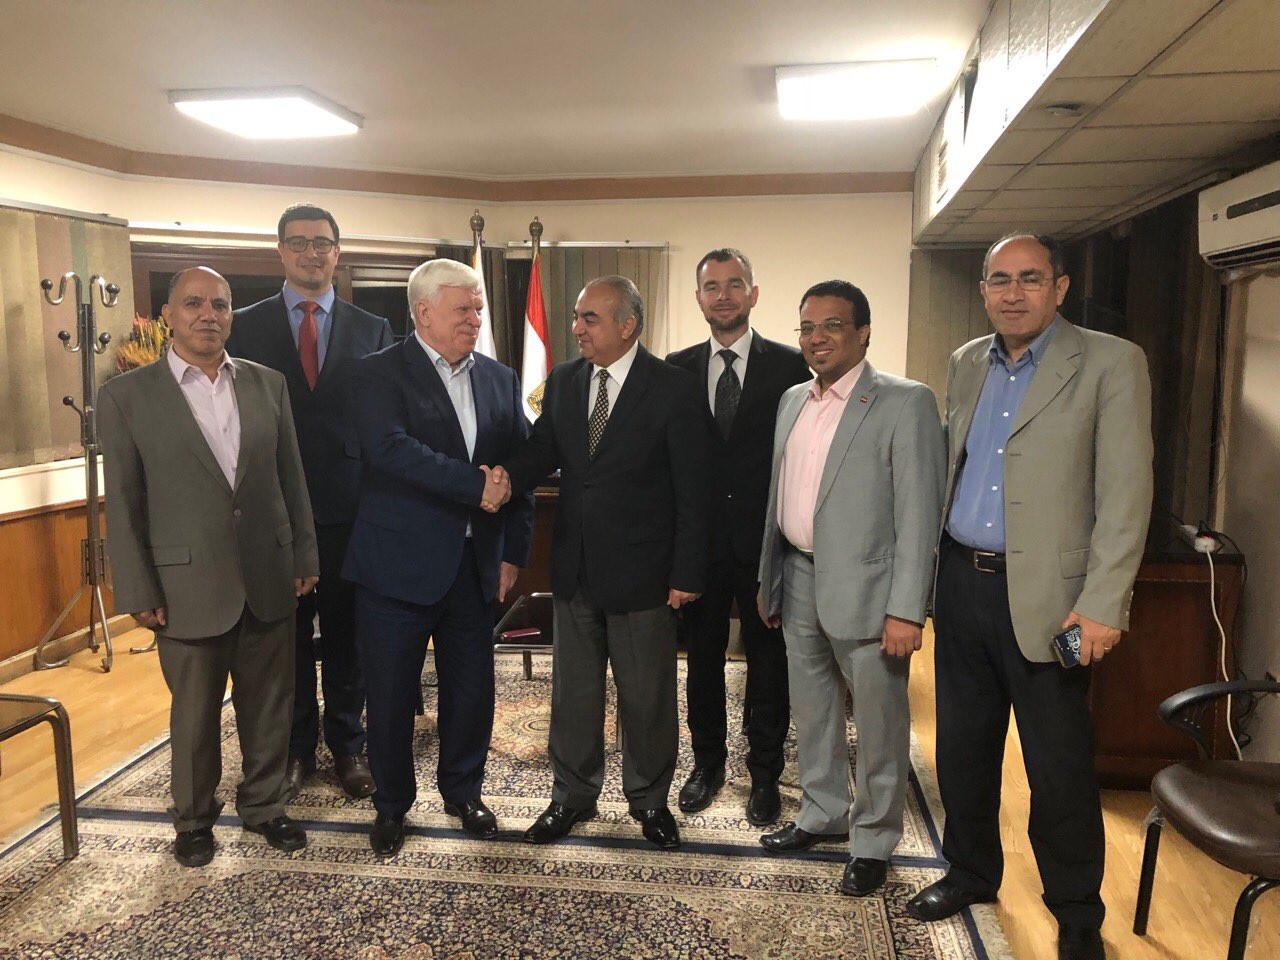 Робоча сесія з Генеральним управлінням з річкового транспорту (Каїр, Єгипет)